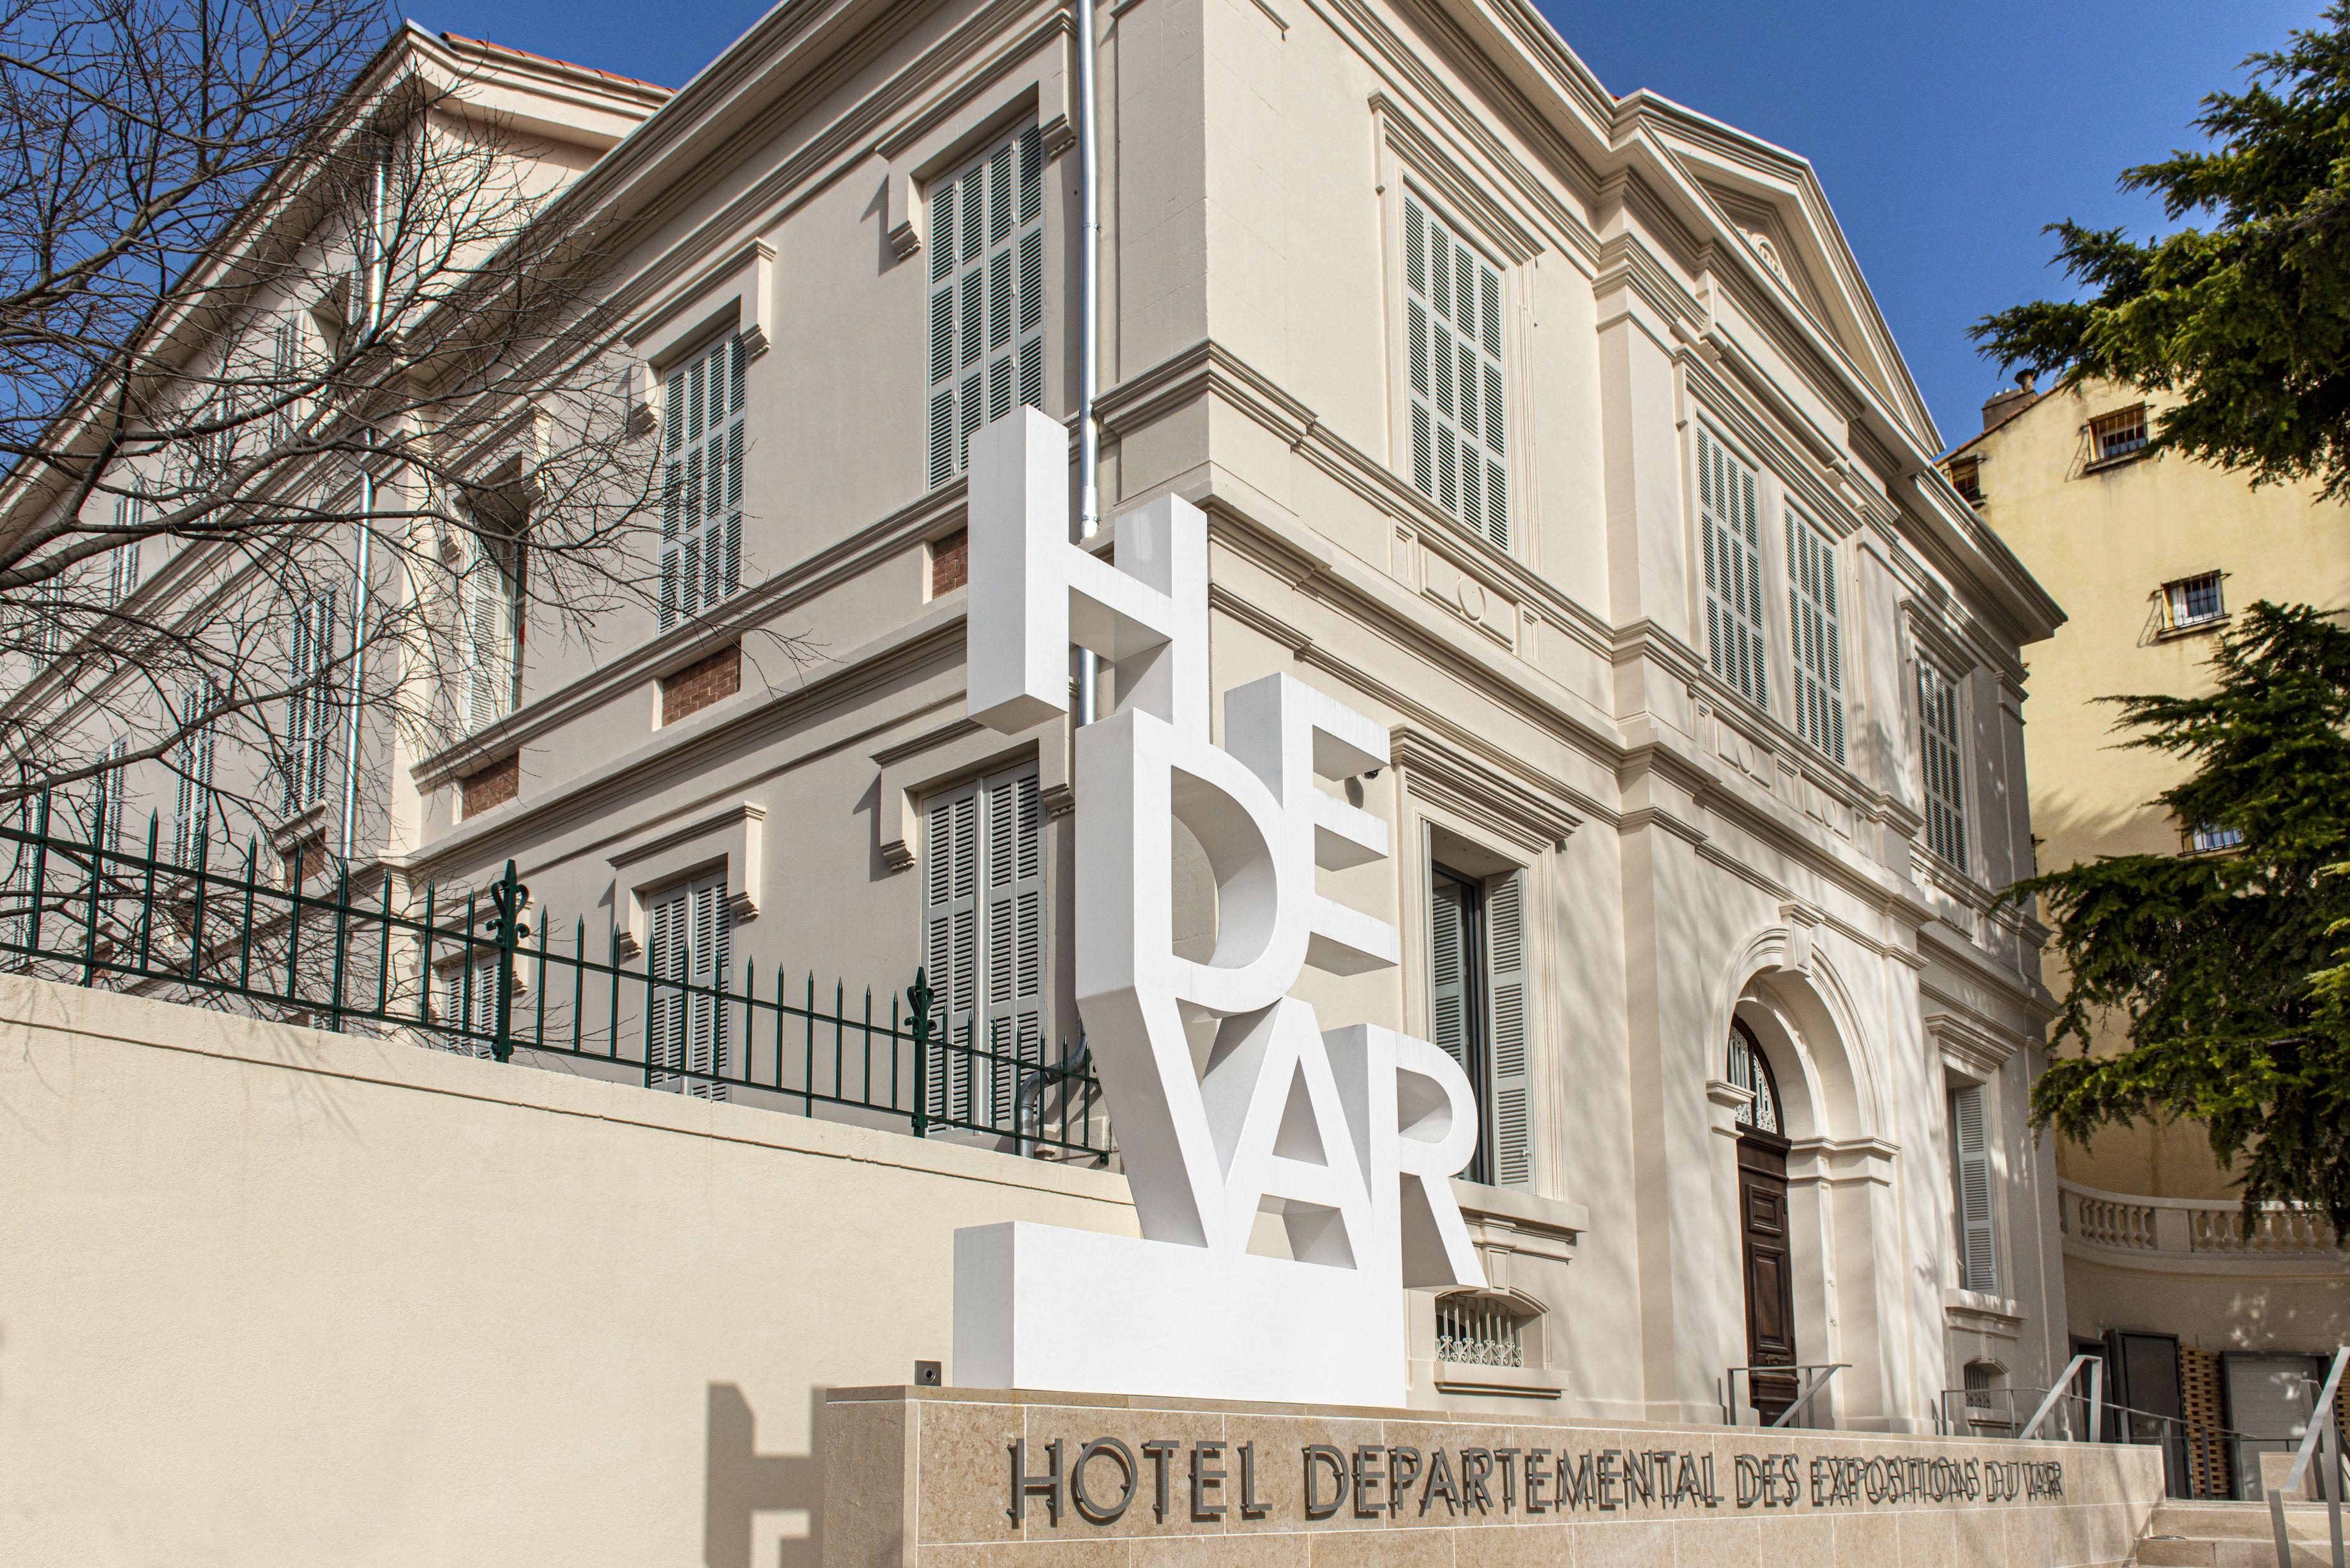 Hôtel Départemental des Expositions